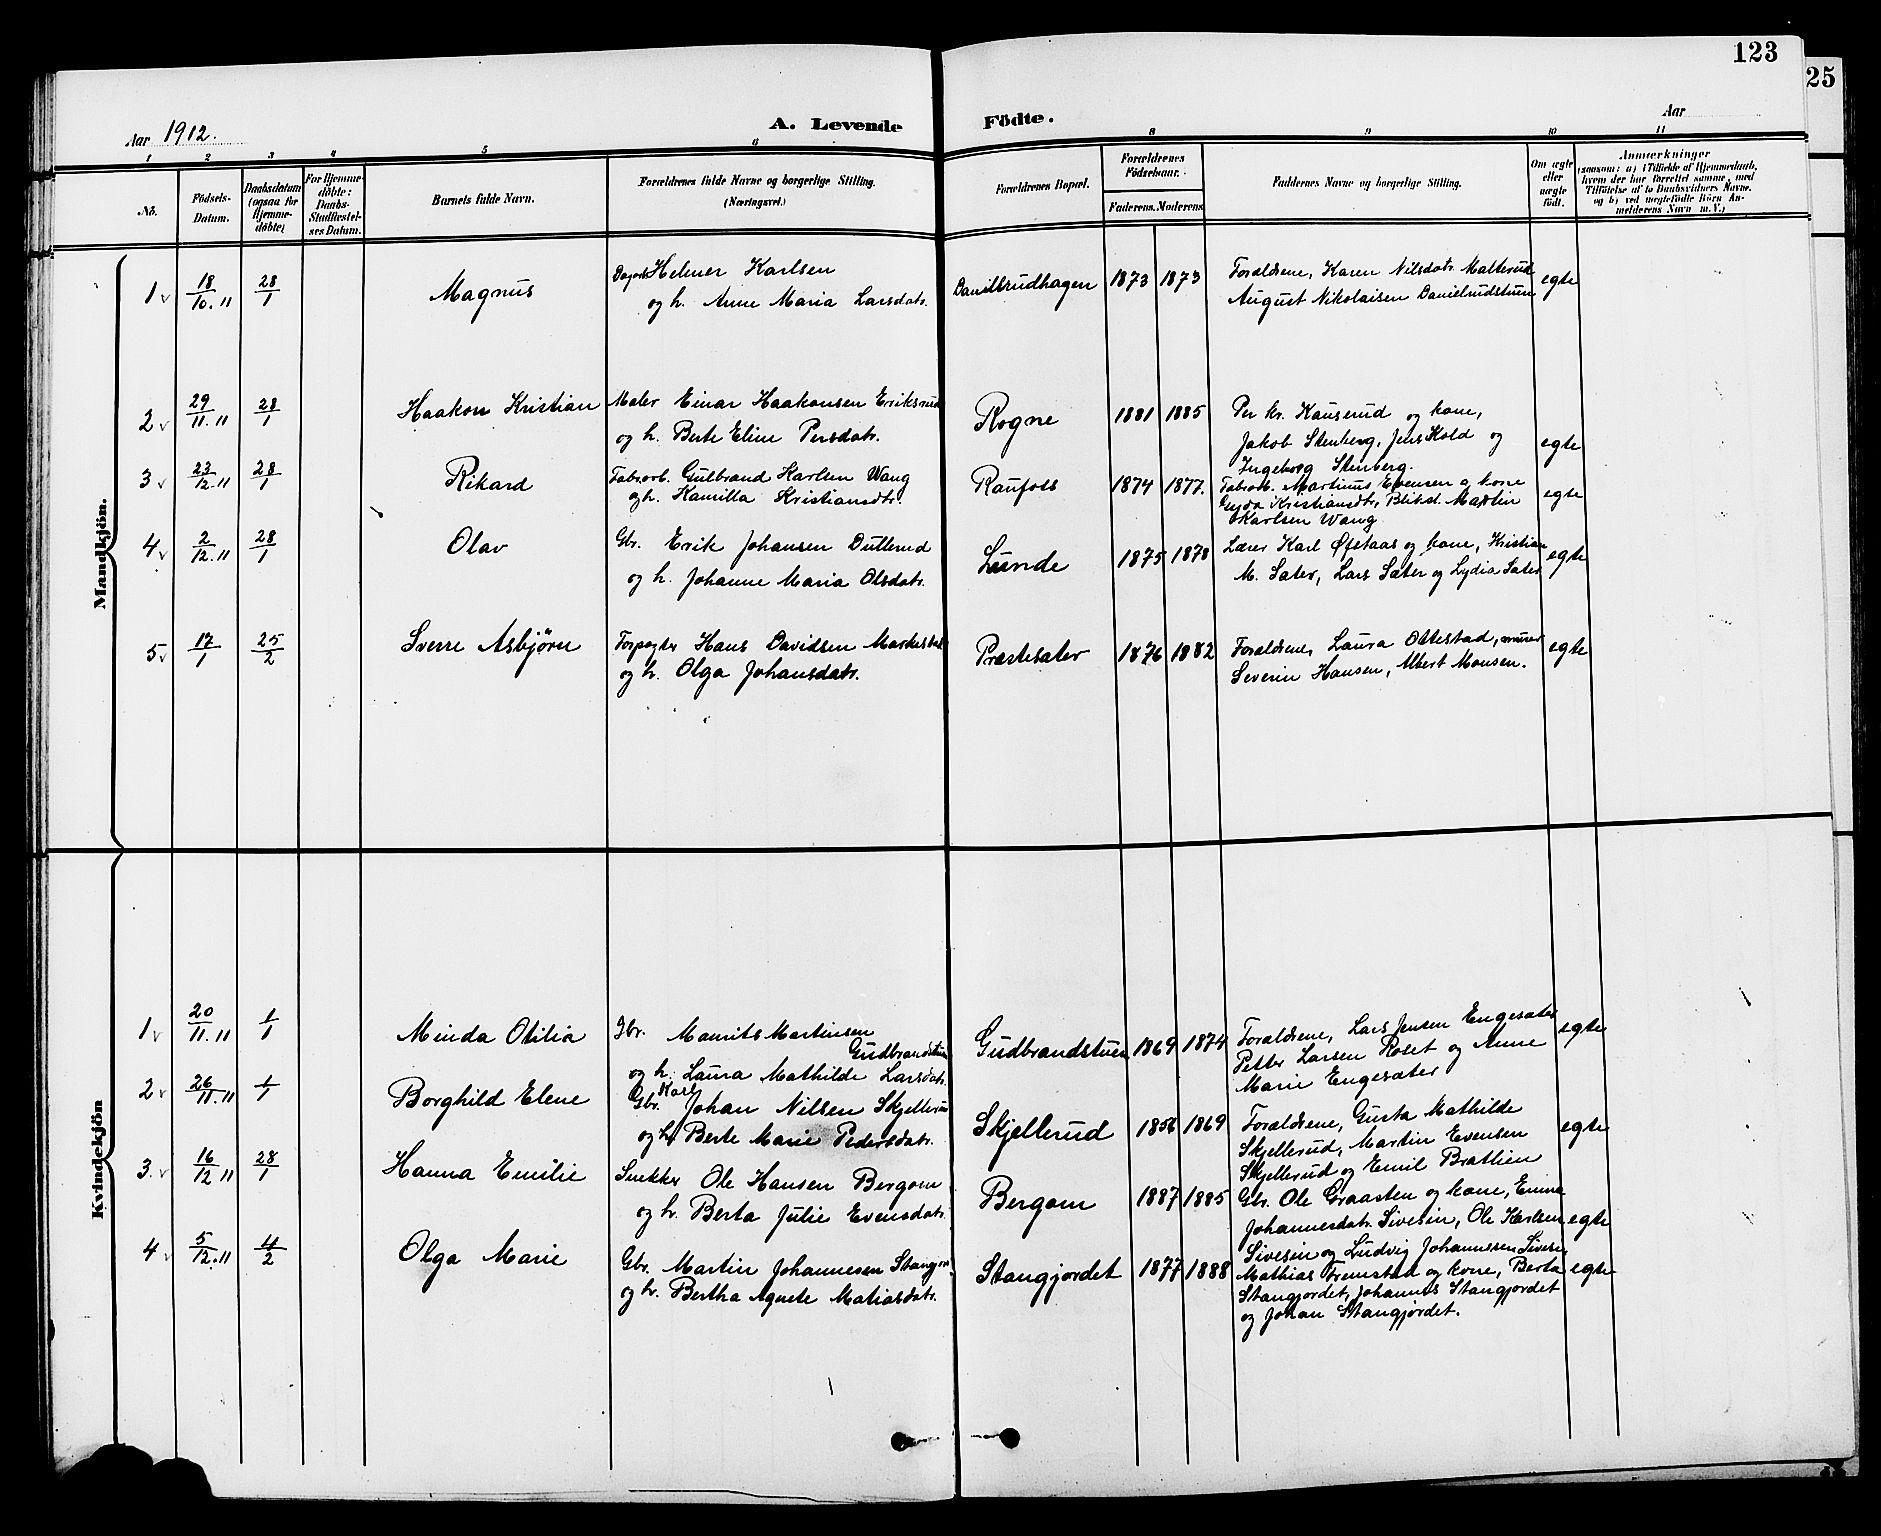 SAH, Vestre Toten prestekontor, Klokkerbok nr. 10, 1900-1912, s. 123